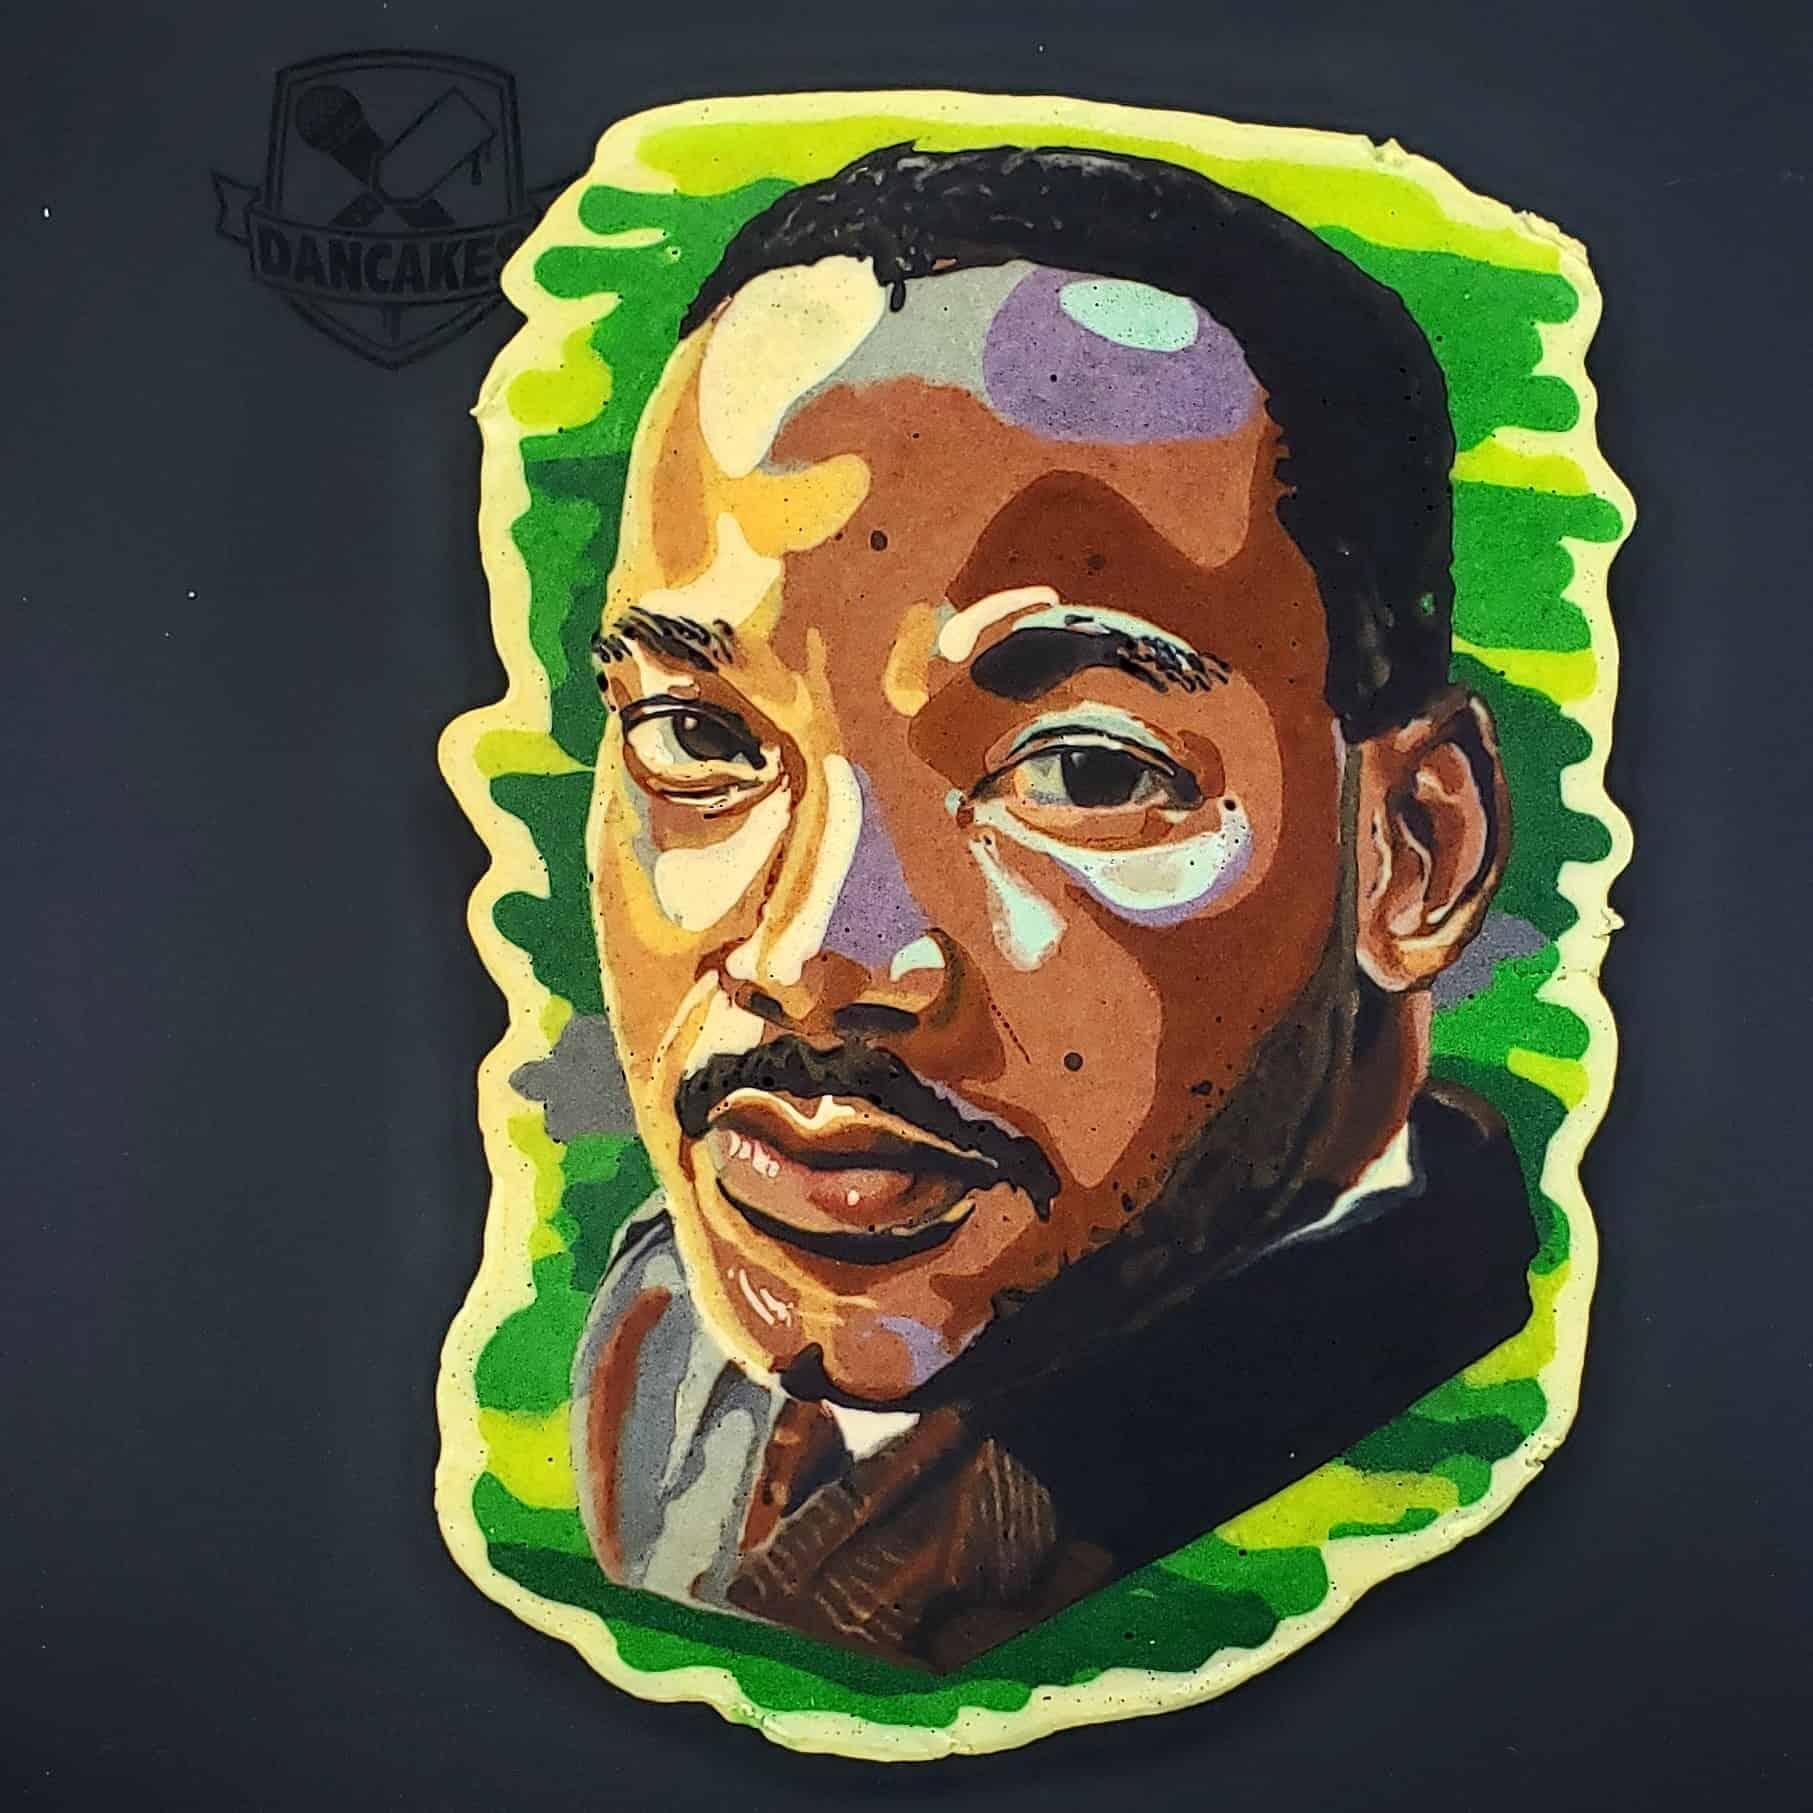 Dr. Martin Luther King Jr. Pancake Art